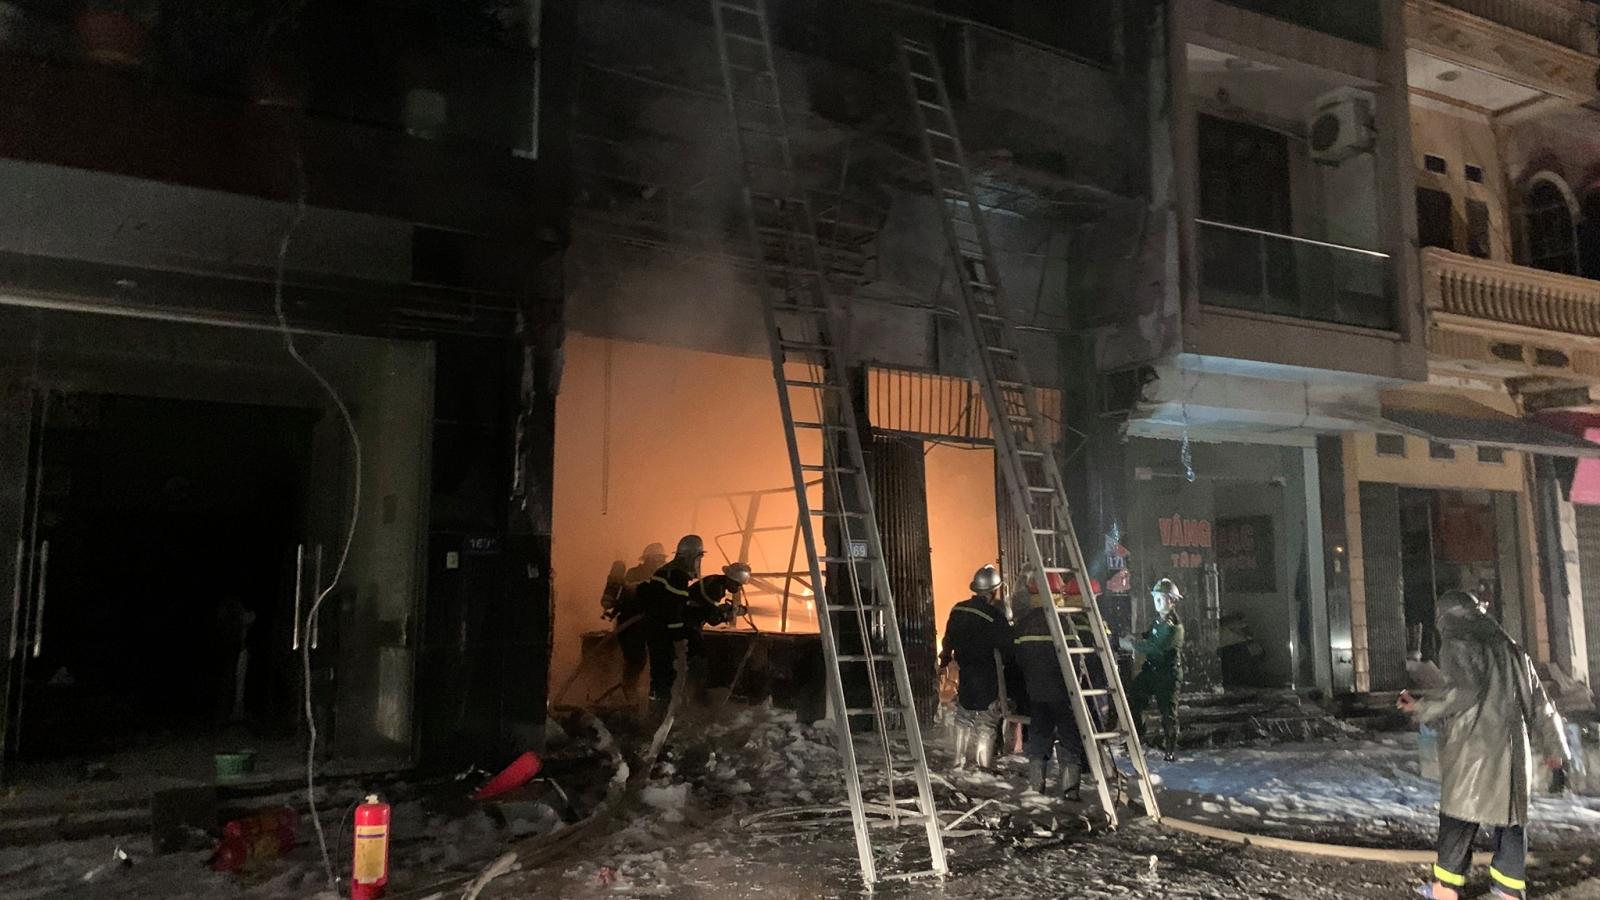 Cửa hàng gas hoạt động lén lút bị cháy khiến 5 người mắc kẹt